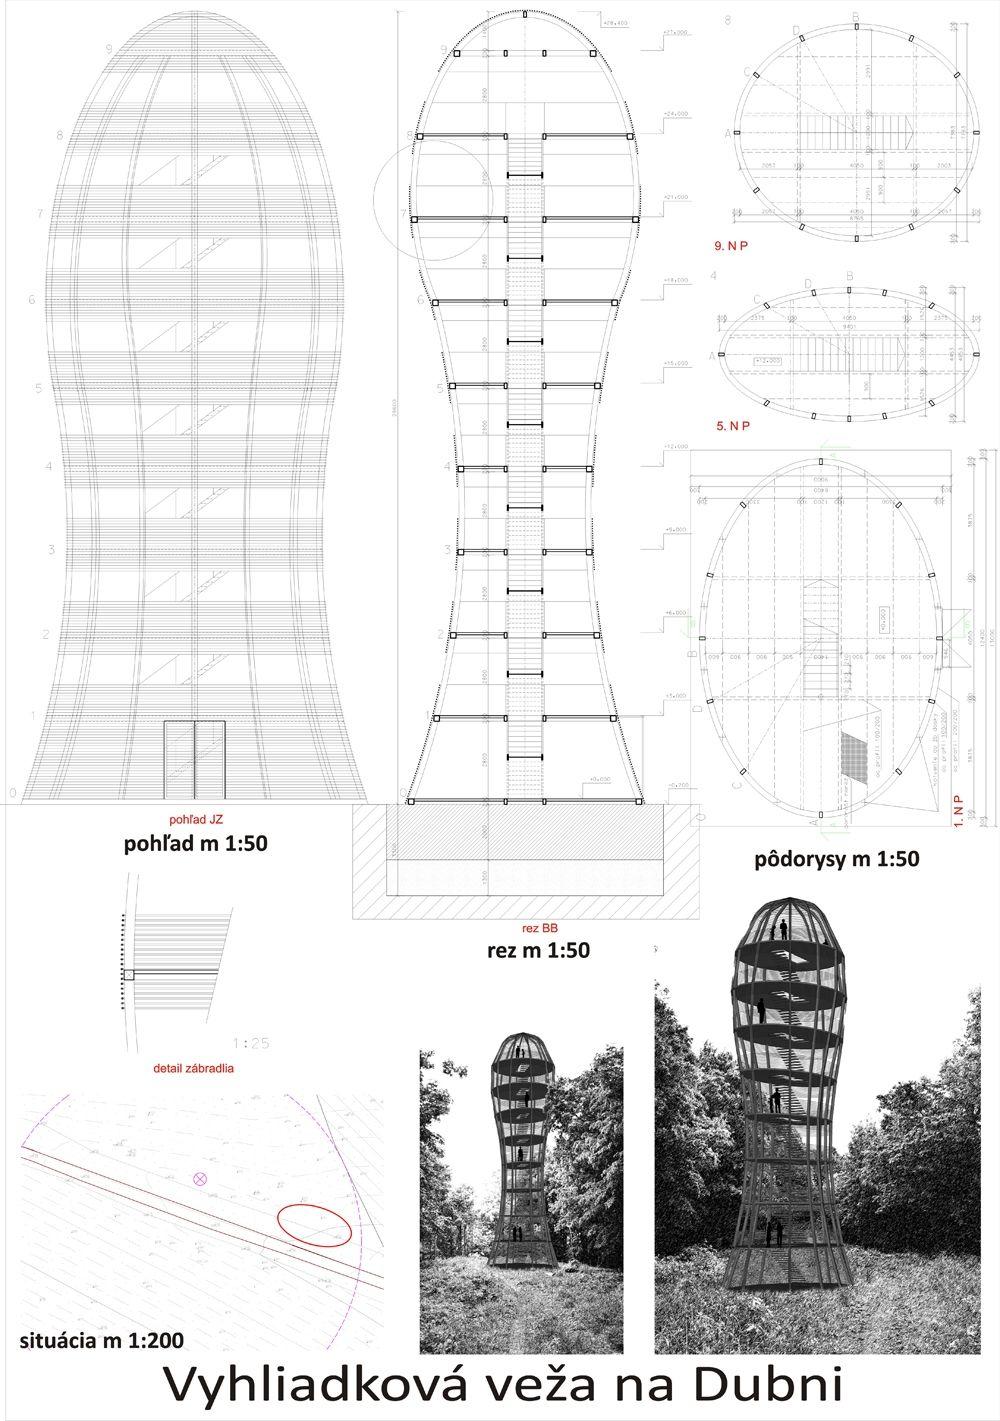 Súťažné návrhy Výhliadková veža na Dubni, foto 33